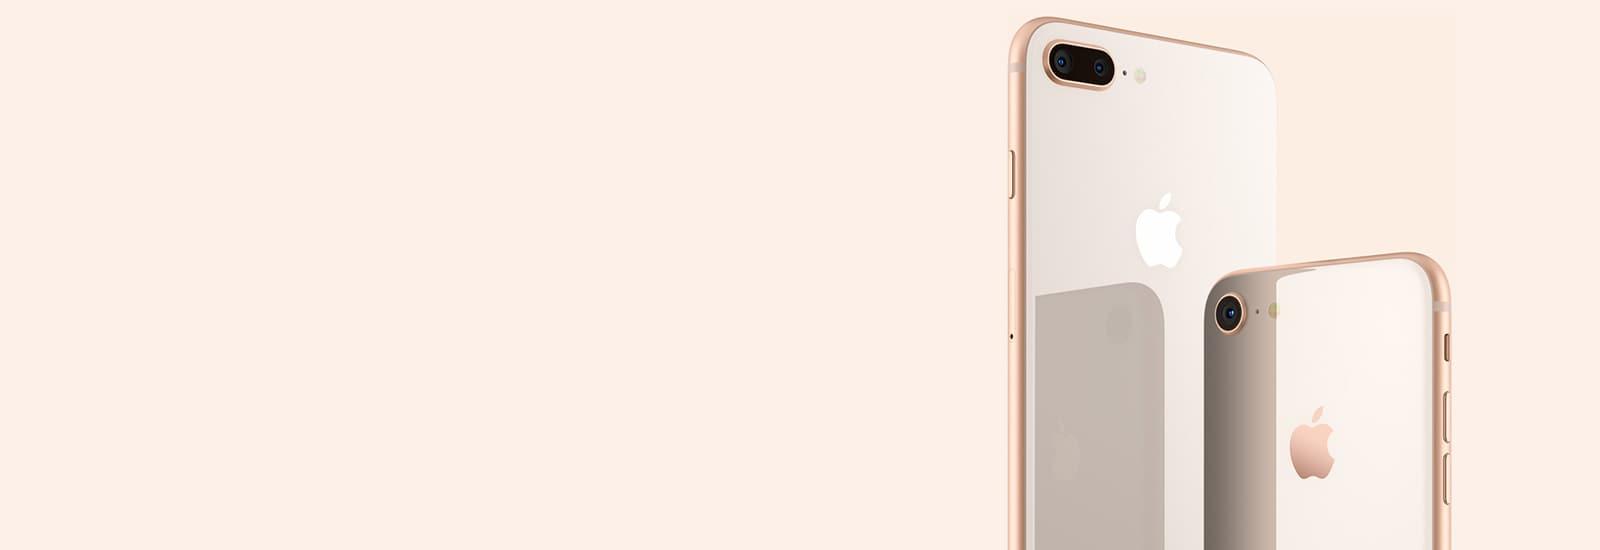 Telia Iphone 8